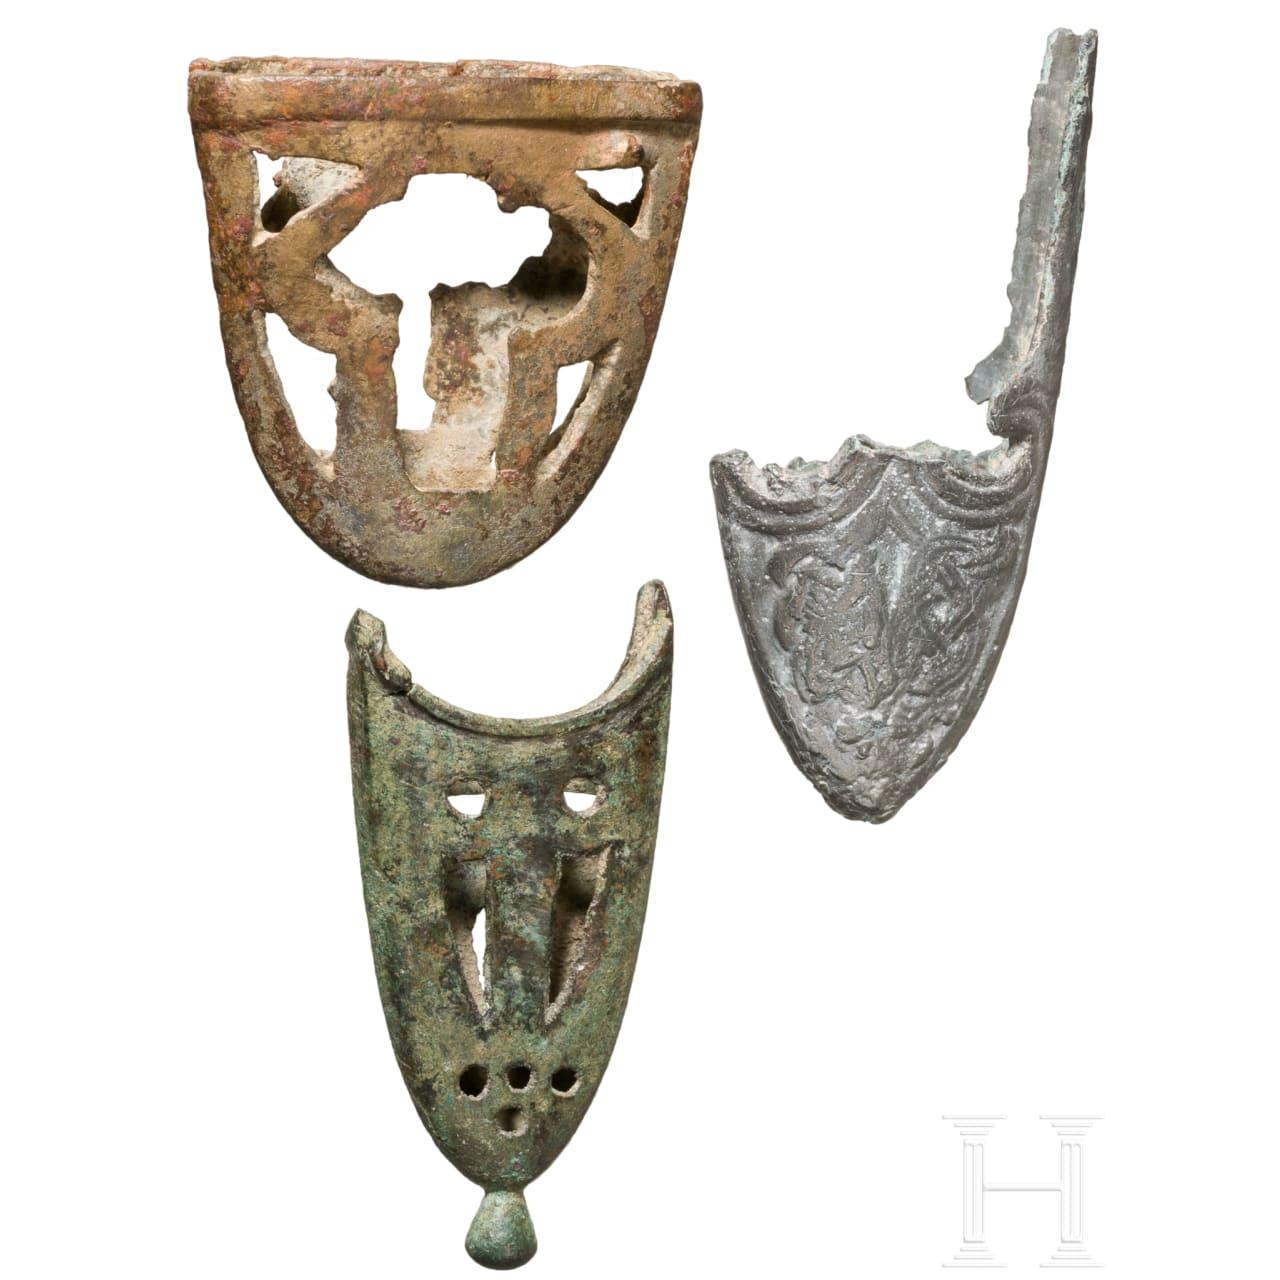 Drei Ortbänder, davon eines wikingisch, Nord- und Zentraleuropa, 10. Jhdt.